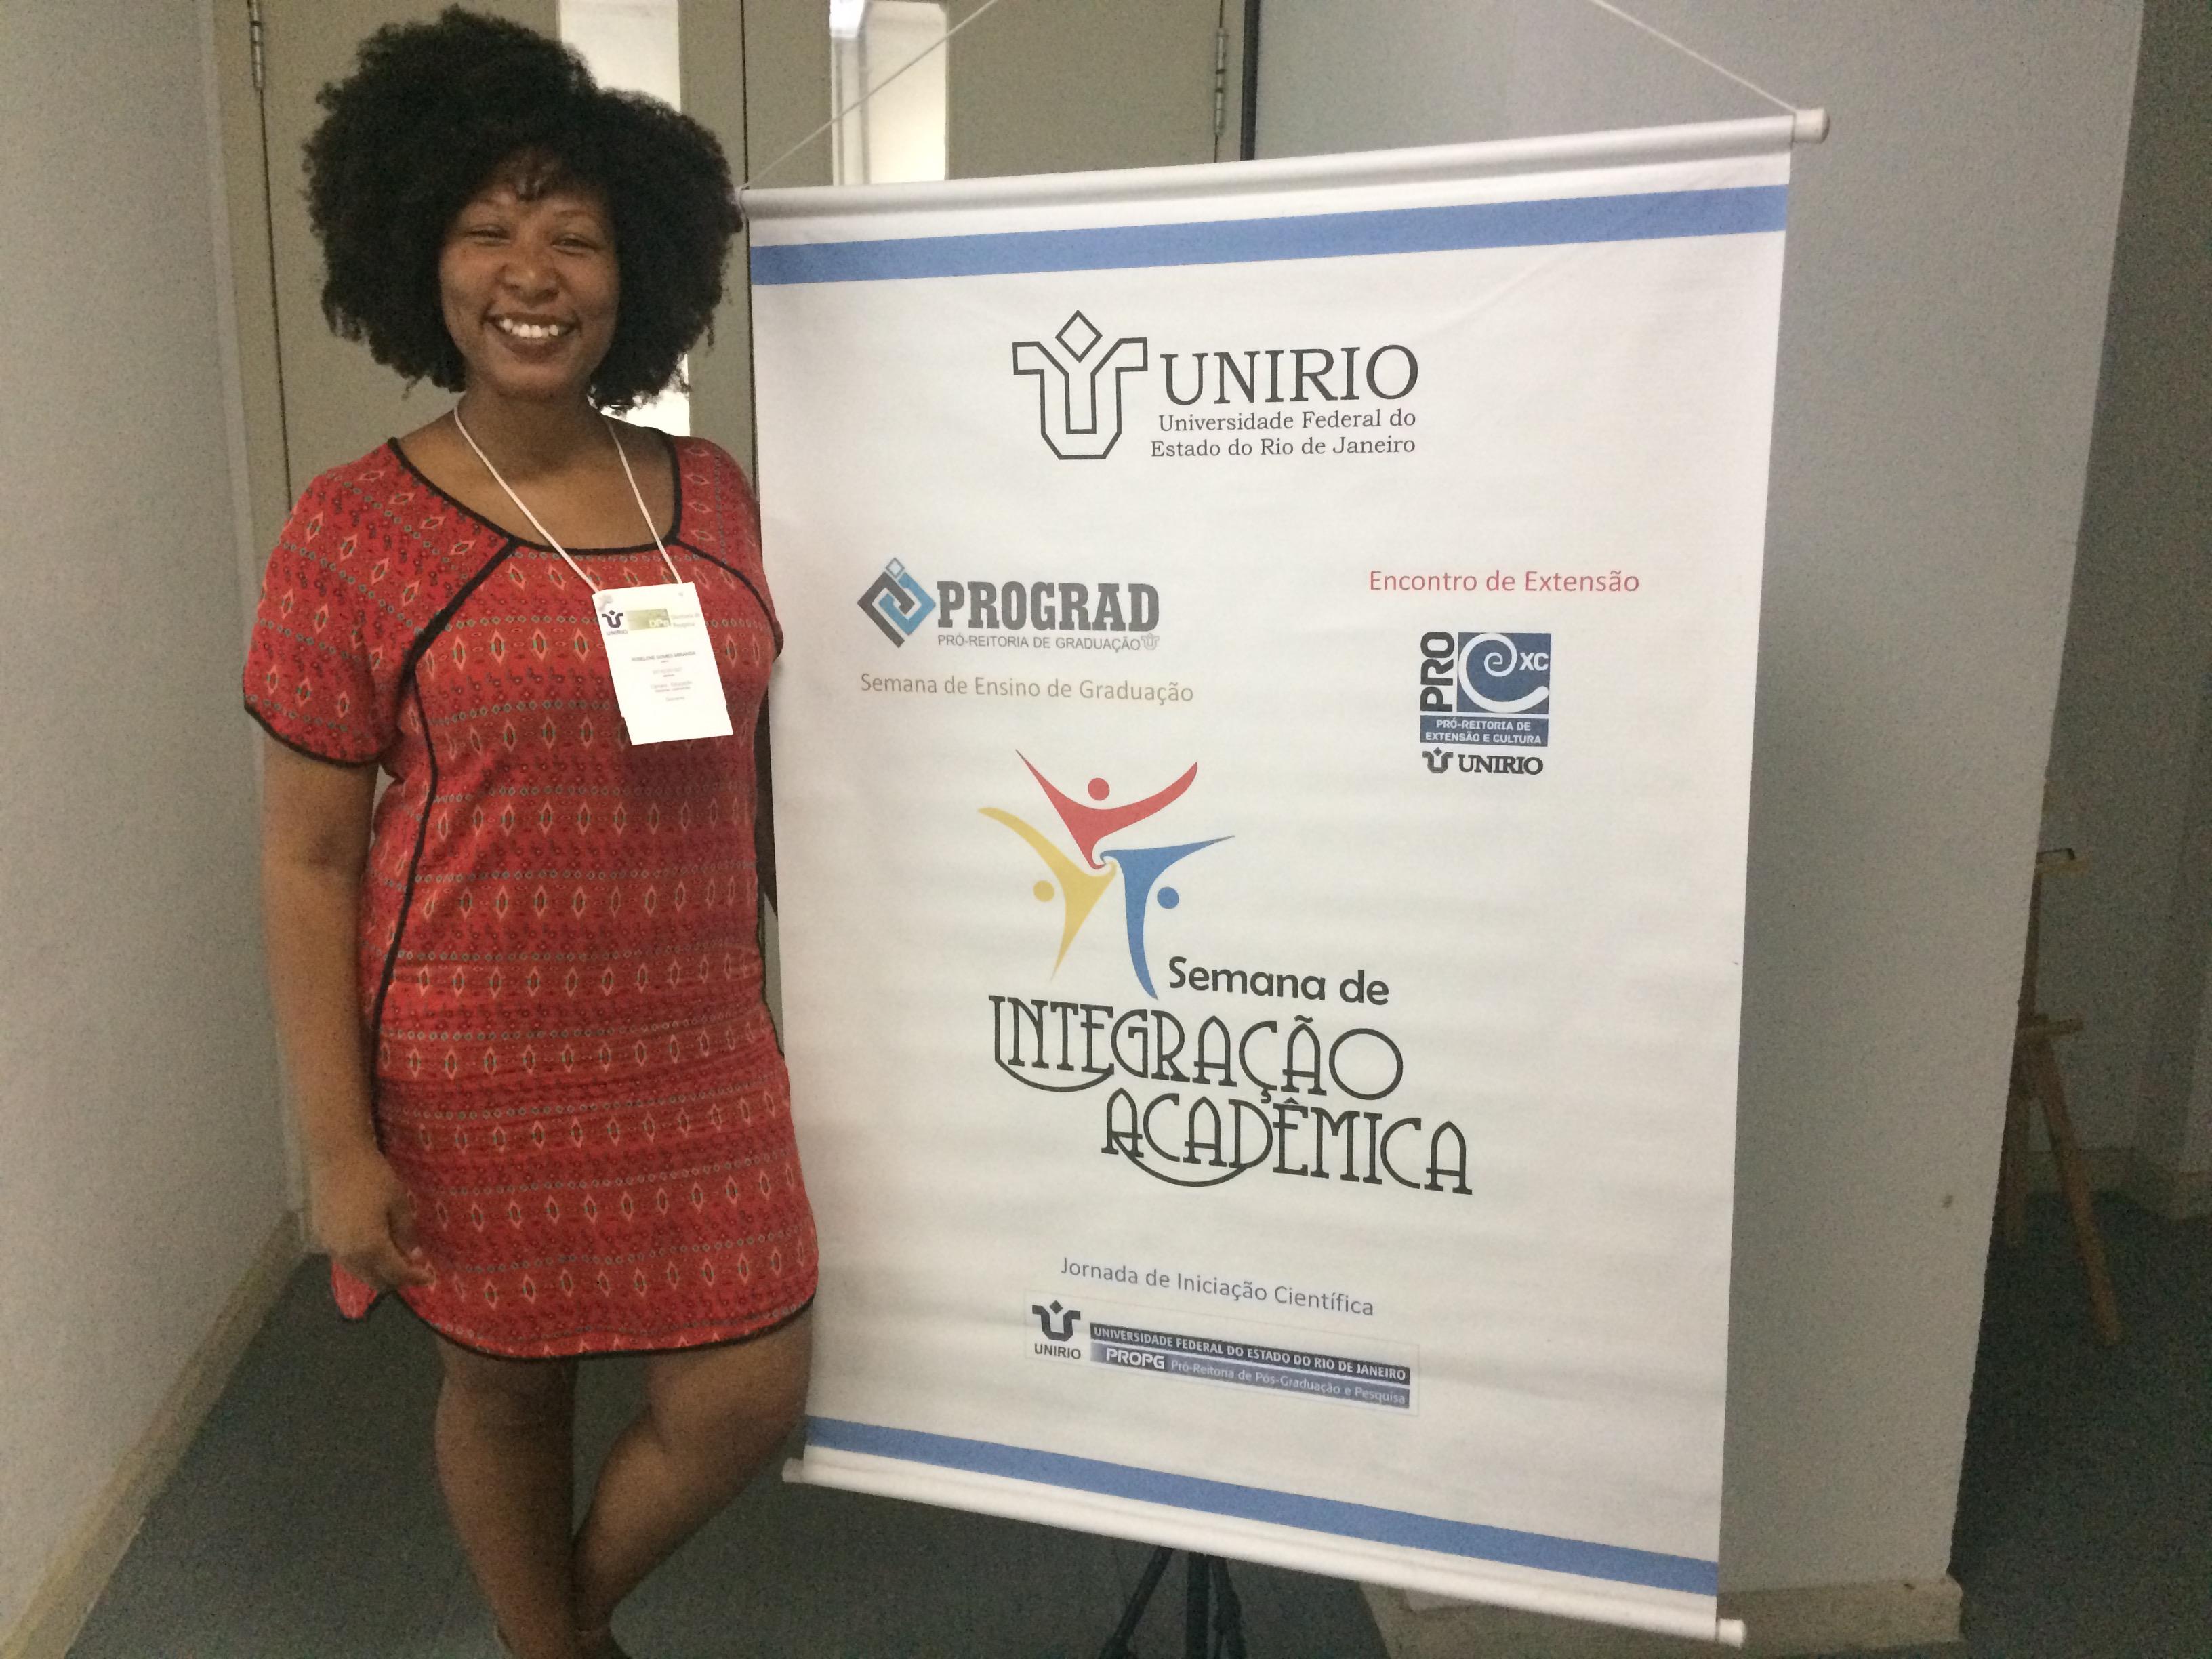 Roselene Miranda apresentou estudo sobre alunos do programa de Educação de Jovens e Adultos (Foto: Comso)